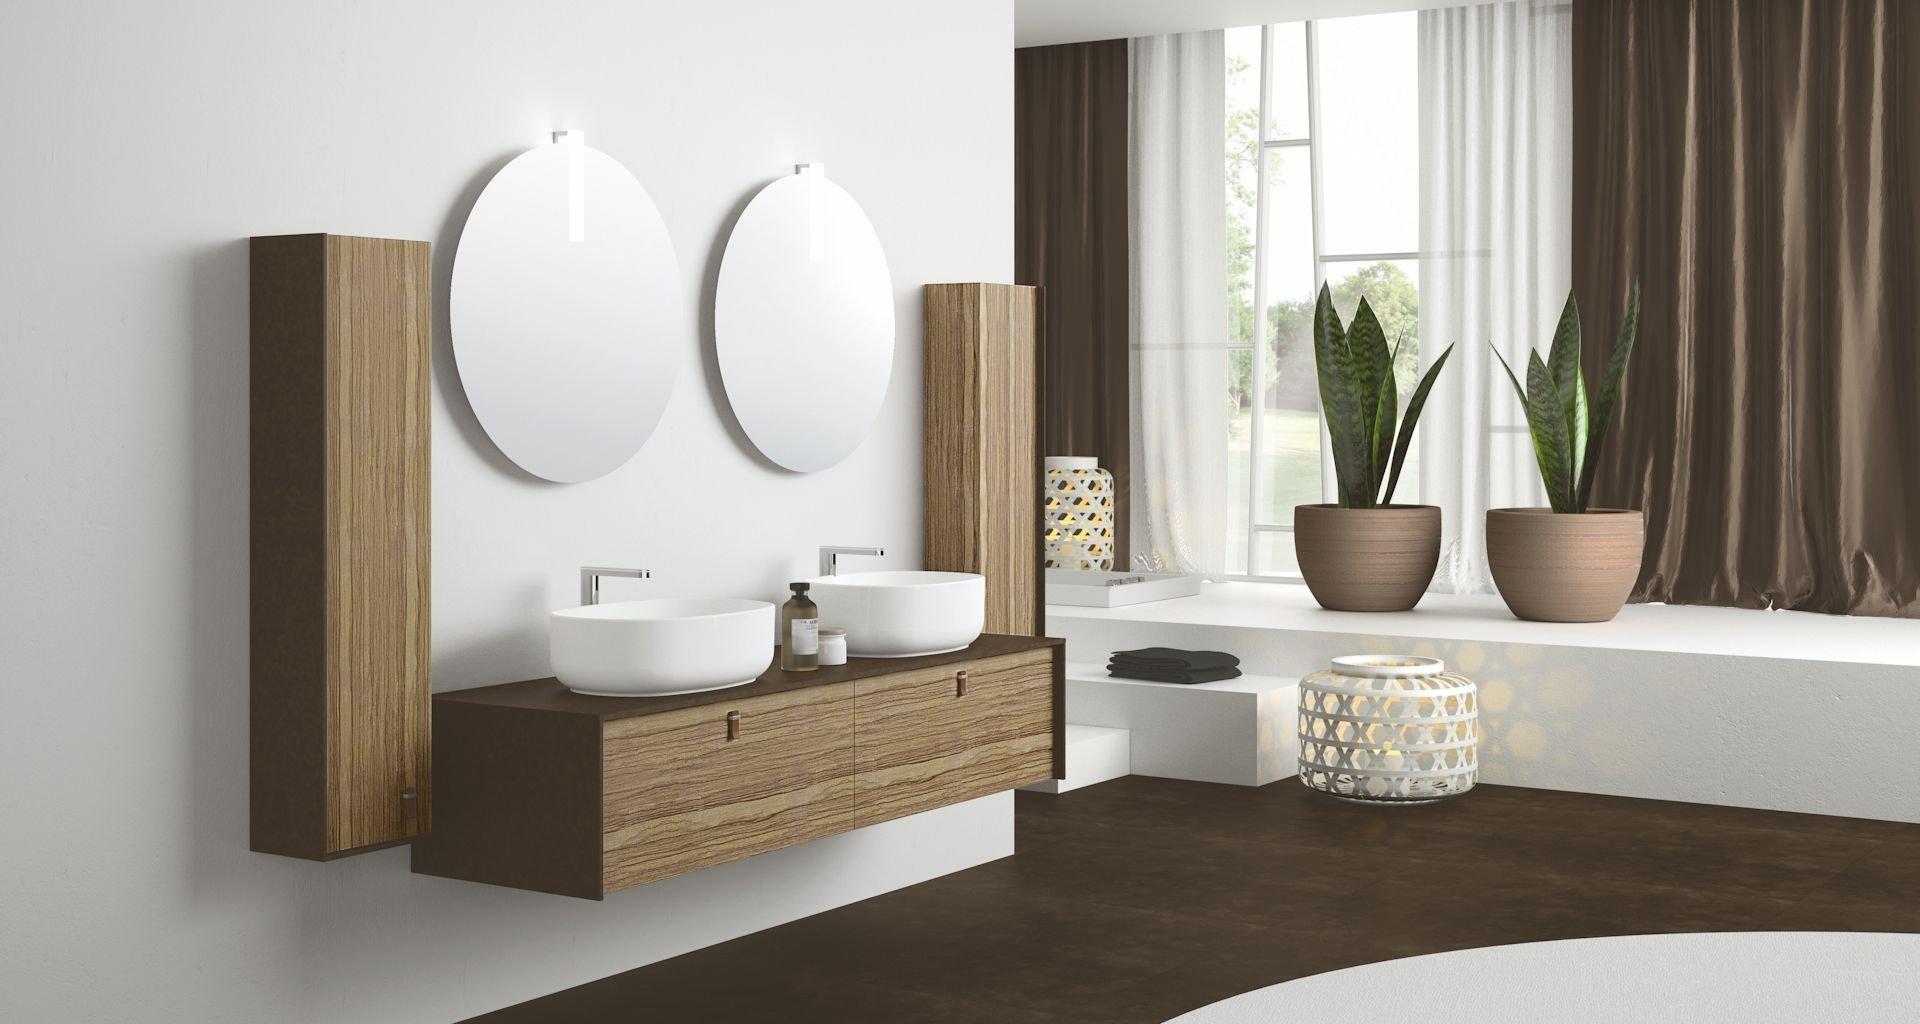 bagno iotti codice prodotto frame 04 categoria mobili da bagno mobili ...